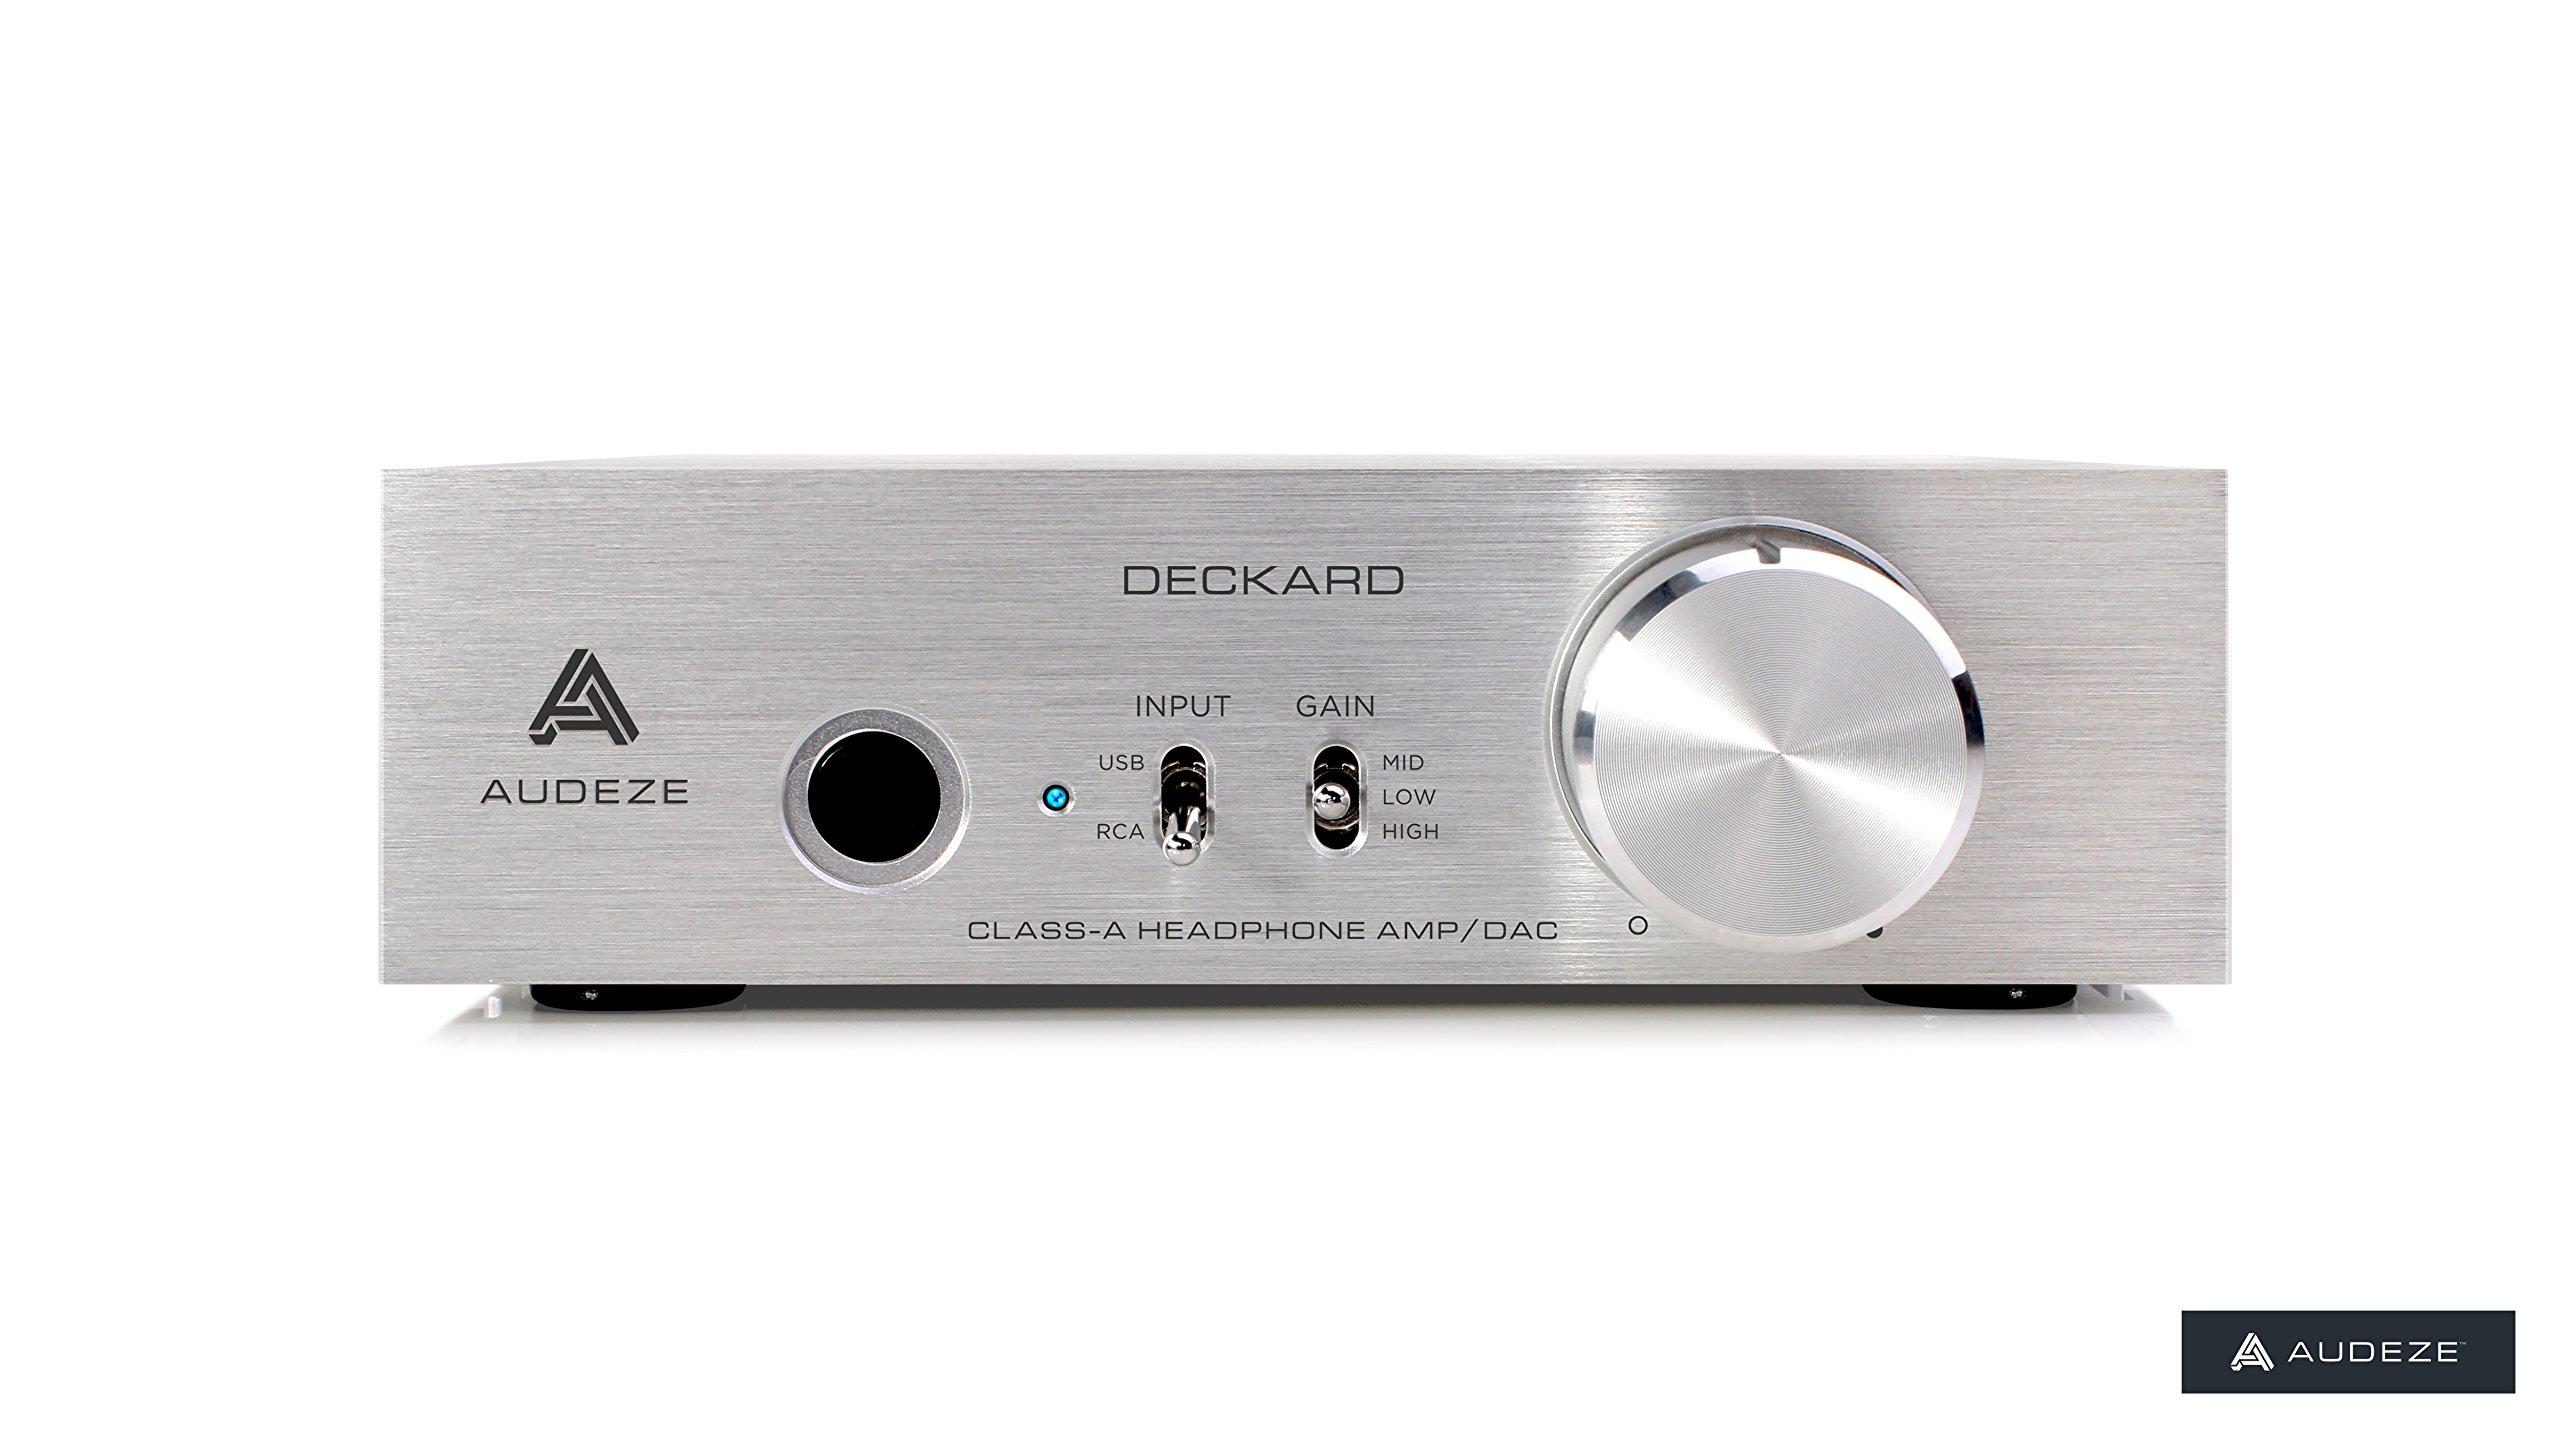 Audeze Deckard Headphone Amplifier / DAC / Preamplifier by Audeze